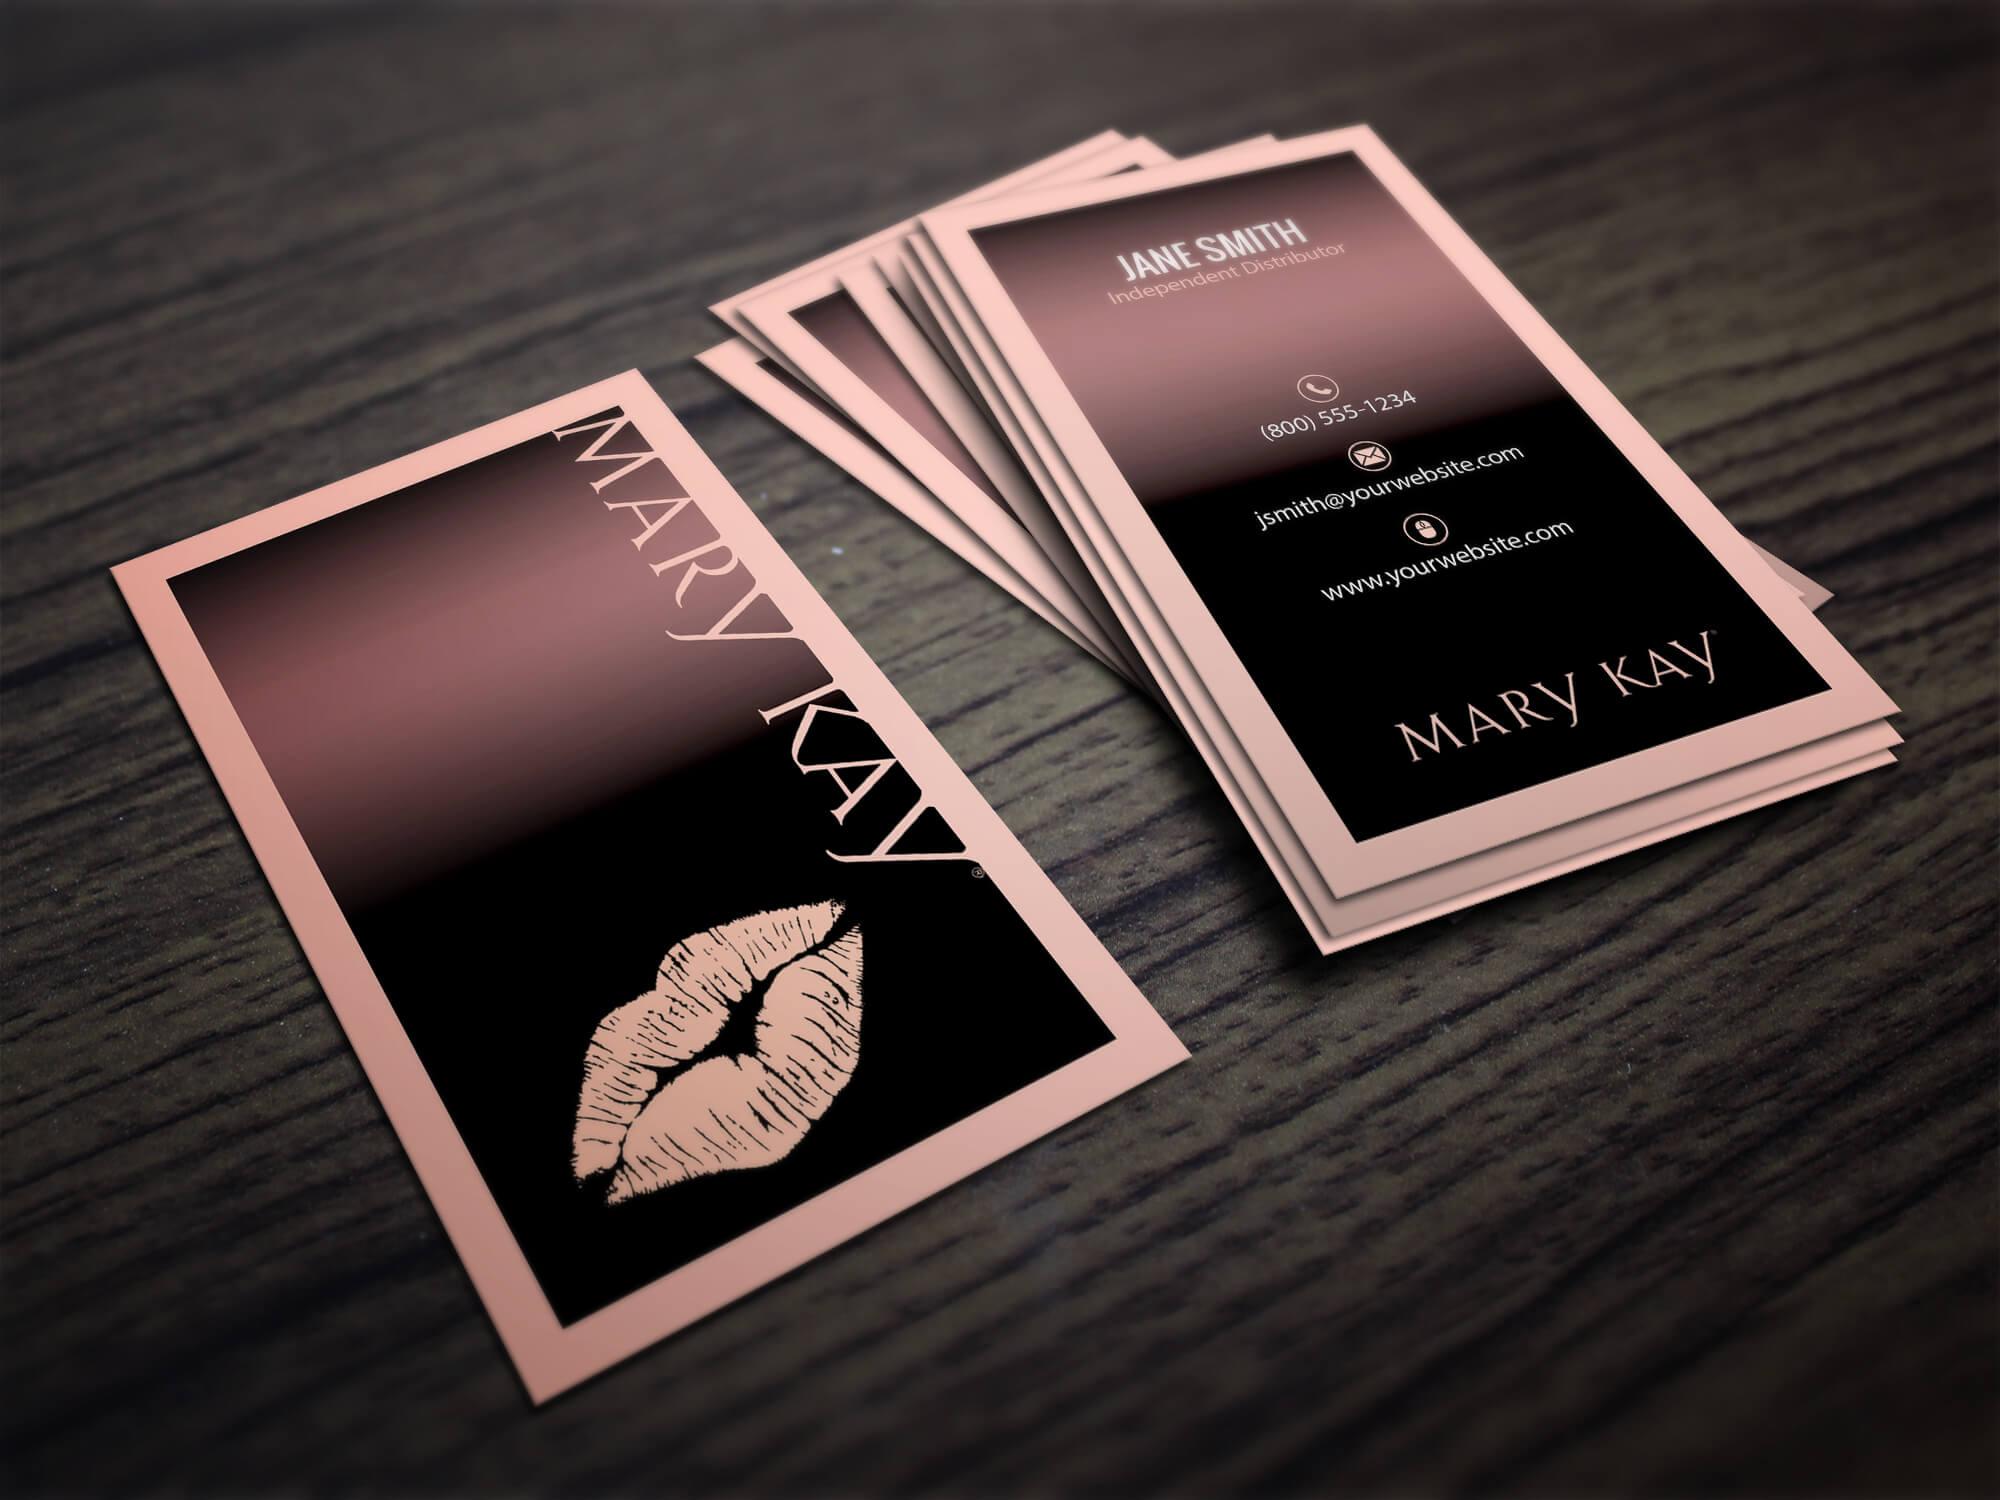 Mary Kay Business Cards | Mary Kay | Mary Kay Party, Mary intended for Mary Kay Business Cards Templates Free